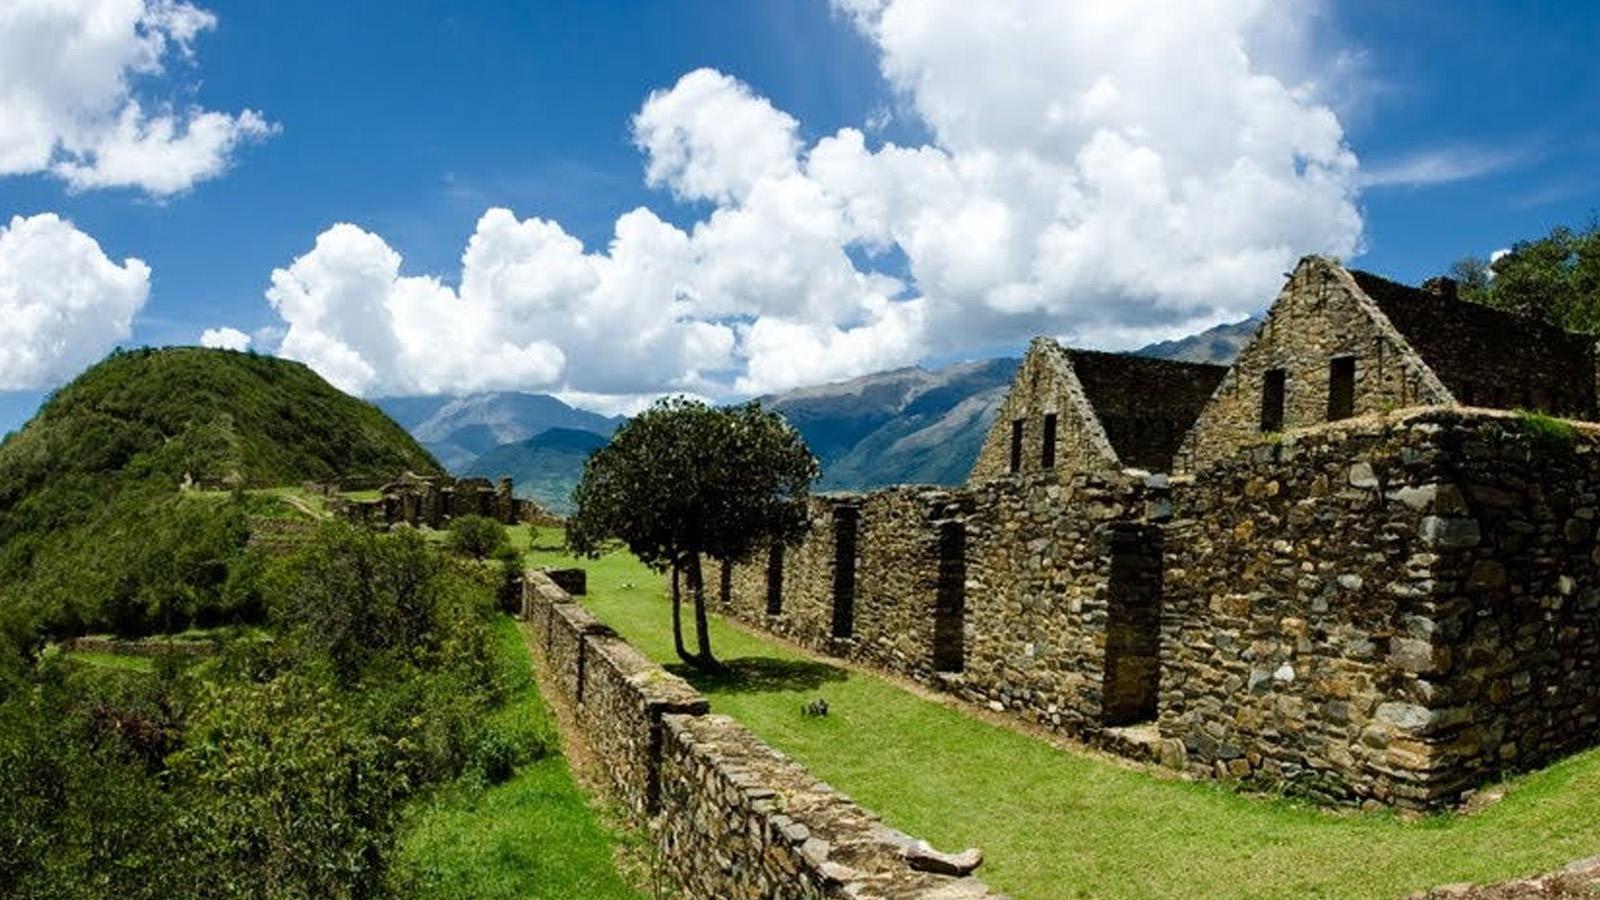 choquequirao-incas-south-america